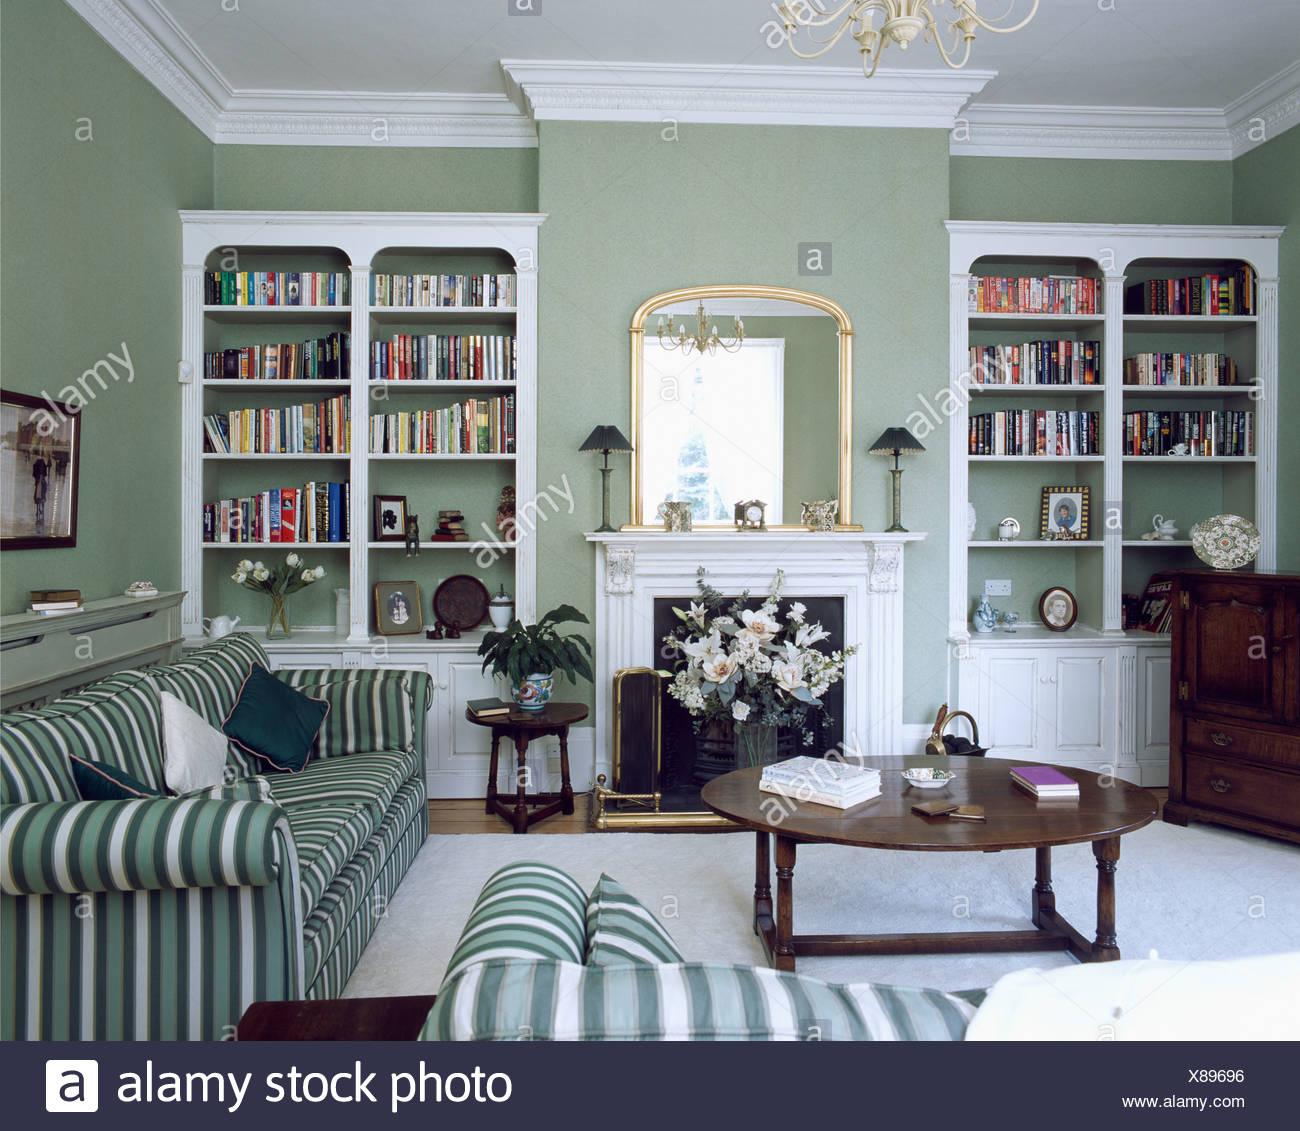 Weiße Regale Auf Beiden Seiten Der Kamin Im Wohnzimmer Grau Grün Mit Grün  Gestreiften Sofas Und Antiken Couchtisch Ausgestattet